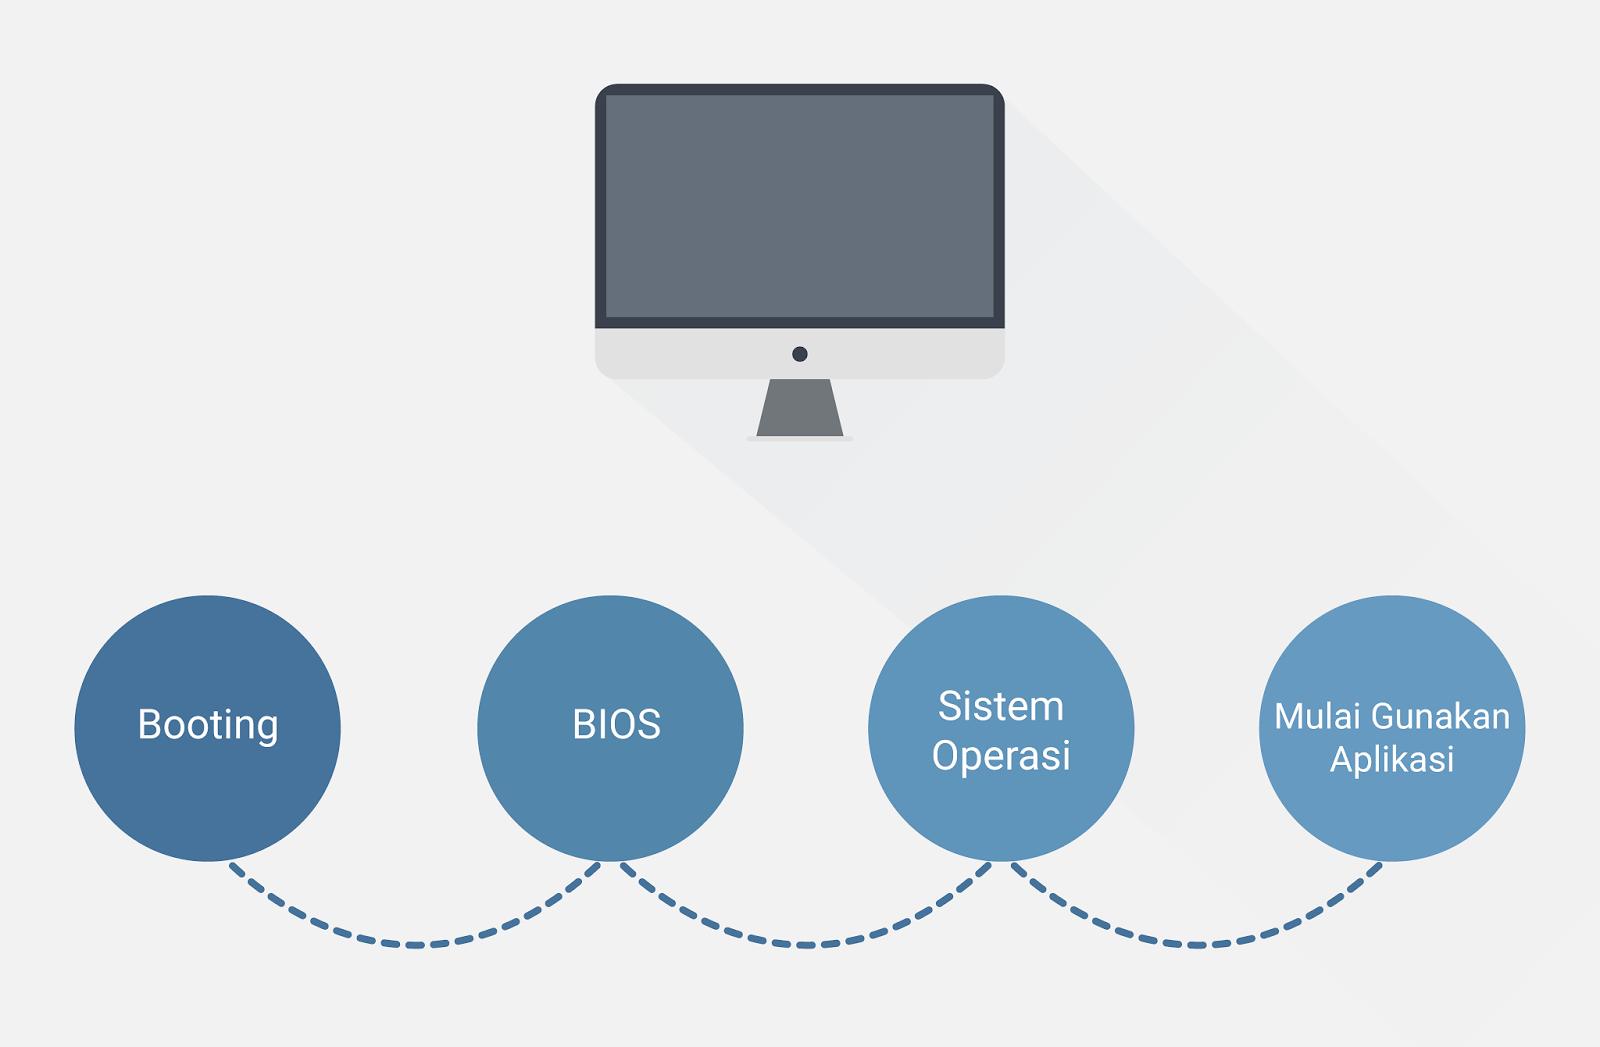 Materi dasar sistem operasi serta cara kerjanya mr tekno alur kerja sistem operasi ccuart Image collections